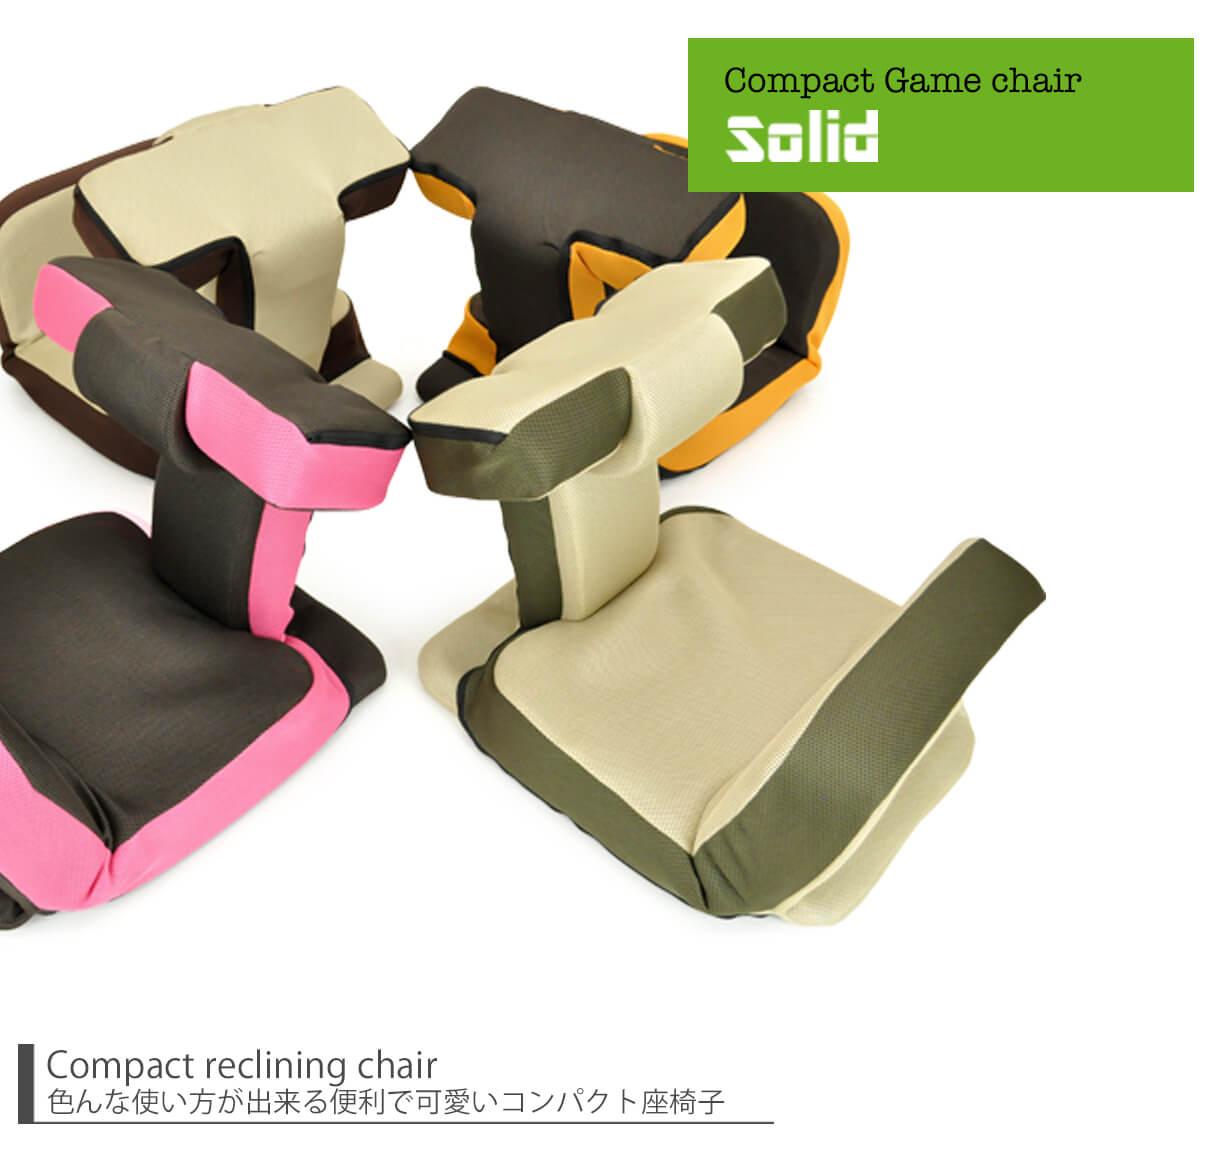 ゲーム座椅子 ゲーミング座椅子 ゲーミングチェア ソリッド(グリーン 215 ベージュ) サイバーライフオンラインショップ